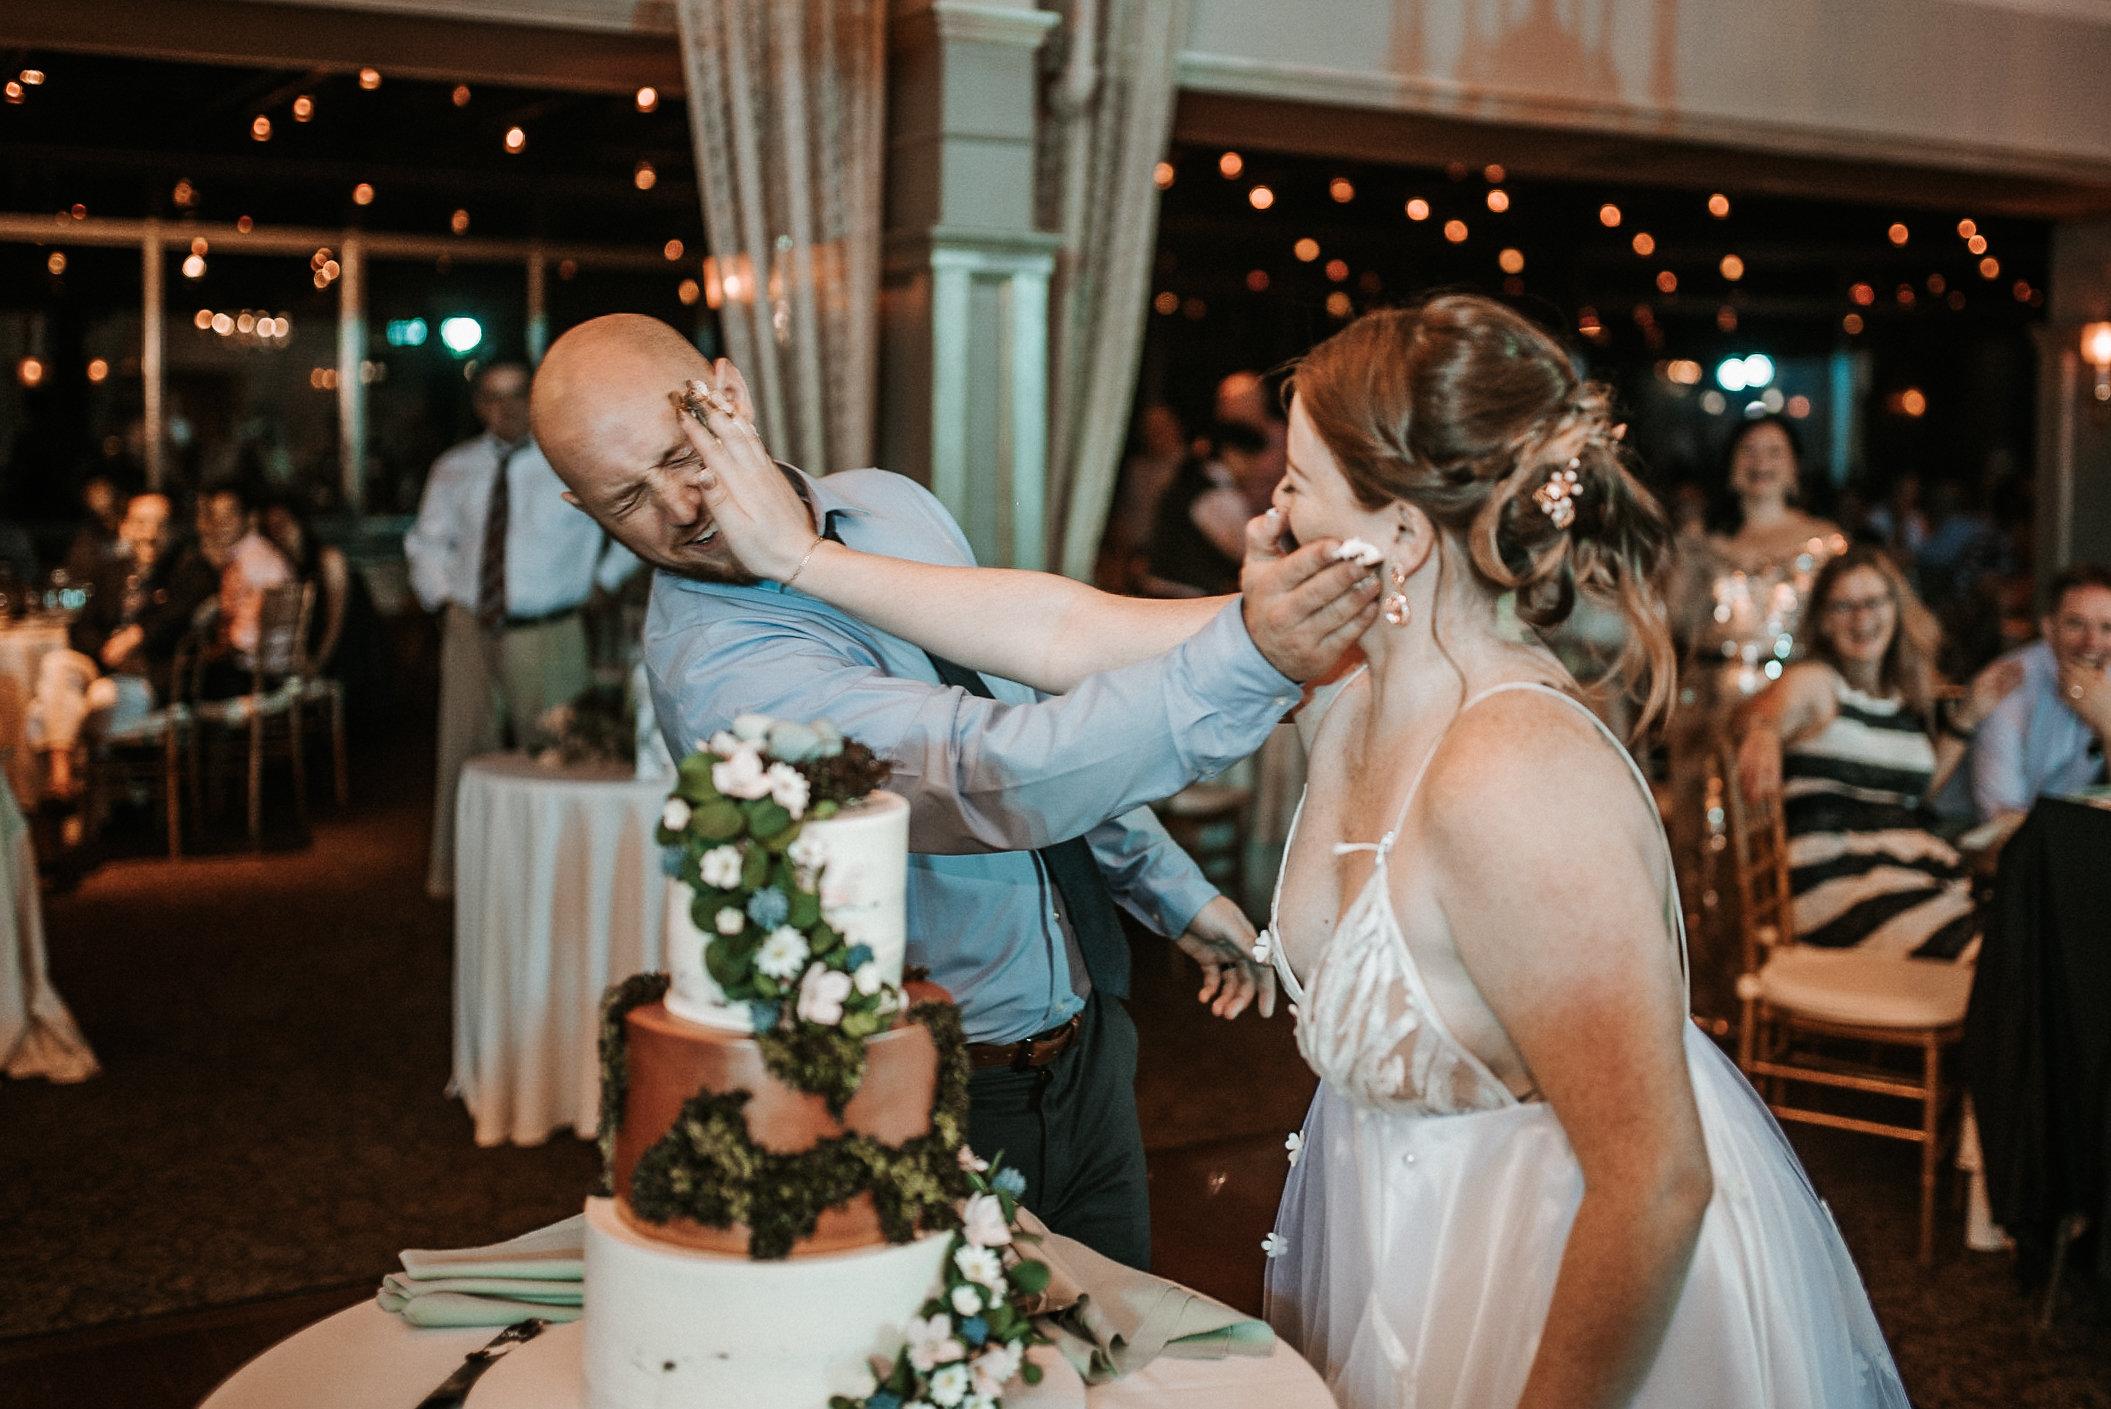 Bride and groom smashing cake